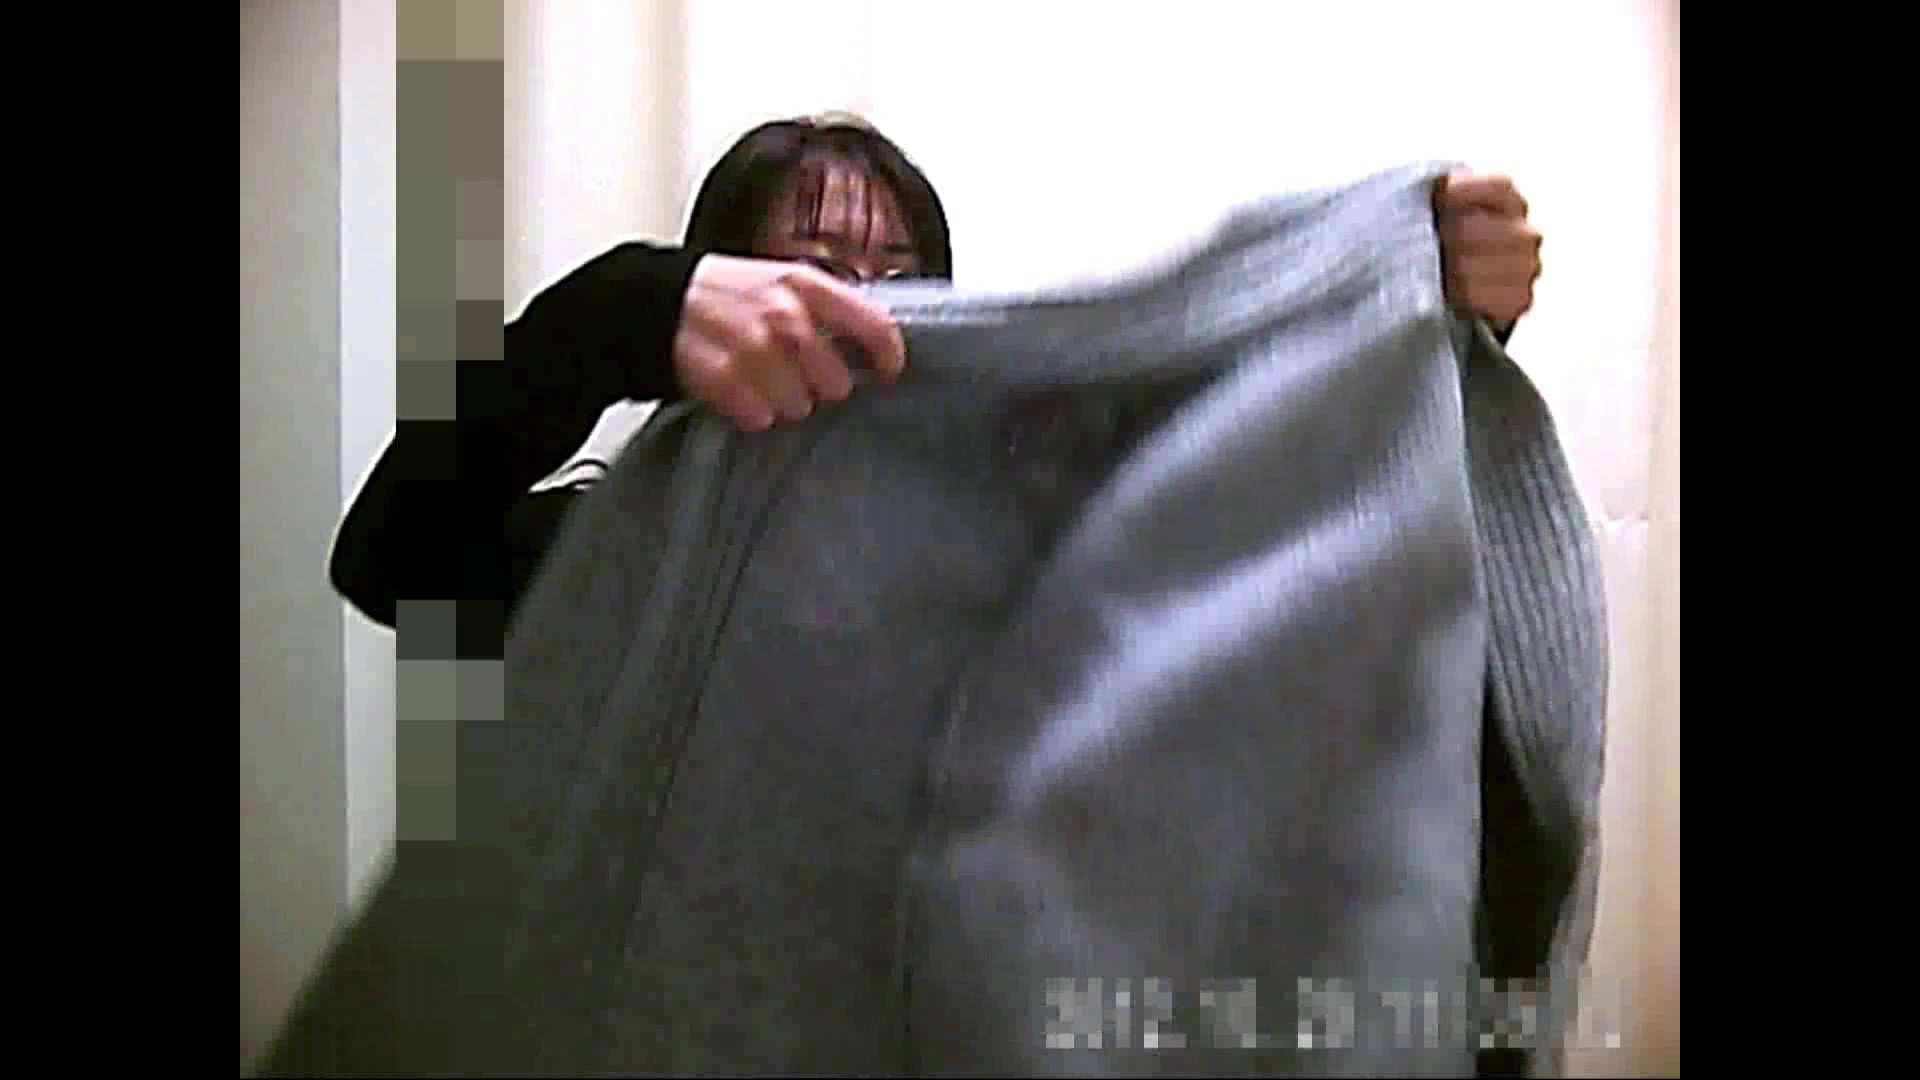 病院おもいっきり着替え! vol.222 貧乳 オマンコ無修正動画無料 71pic 20